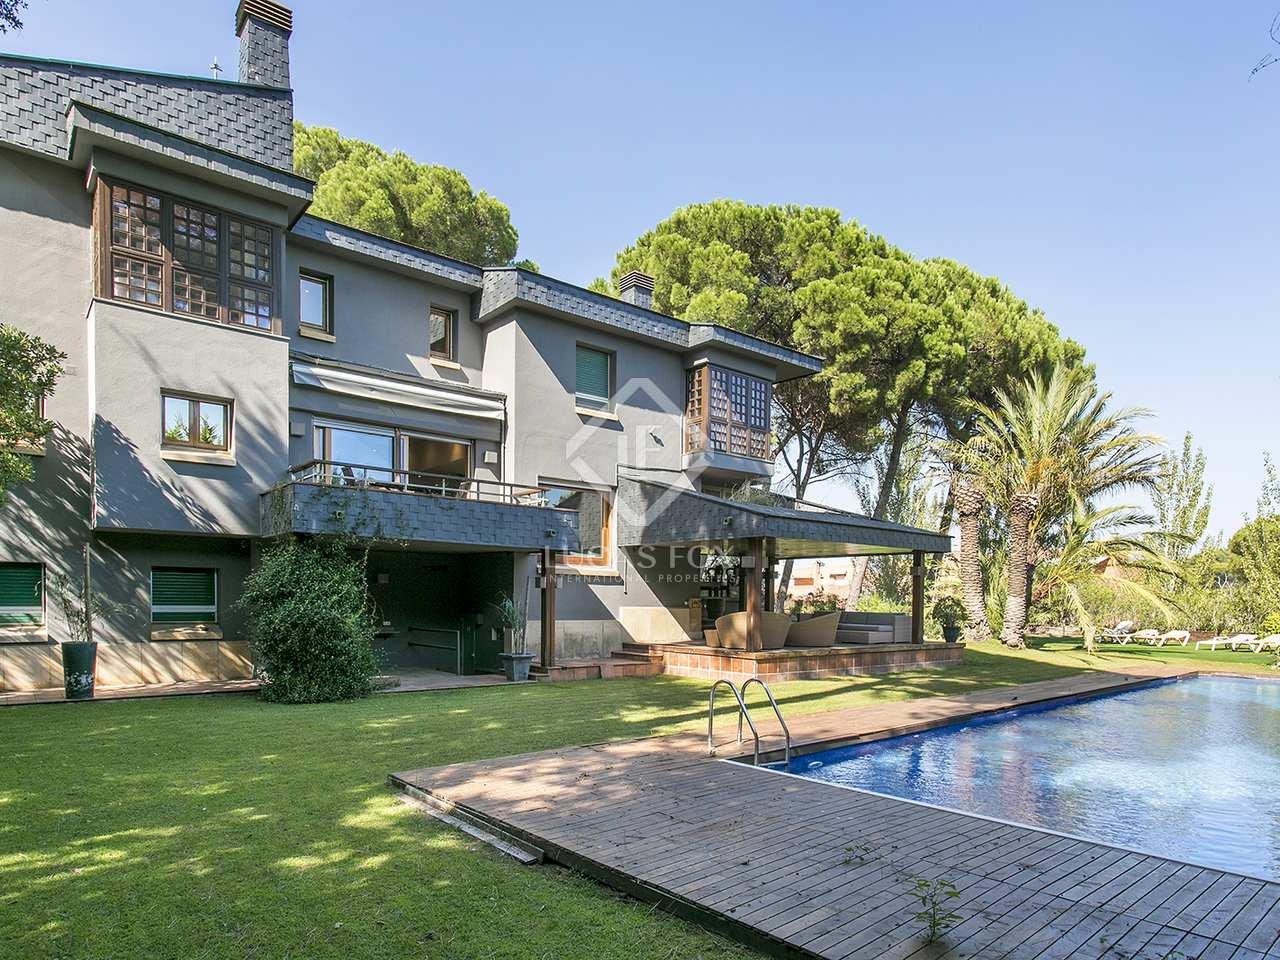 maison villa de 736m a louer sant cugat barcelone. Black Bedroom Furniture Sets. Home Design Ideas